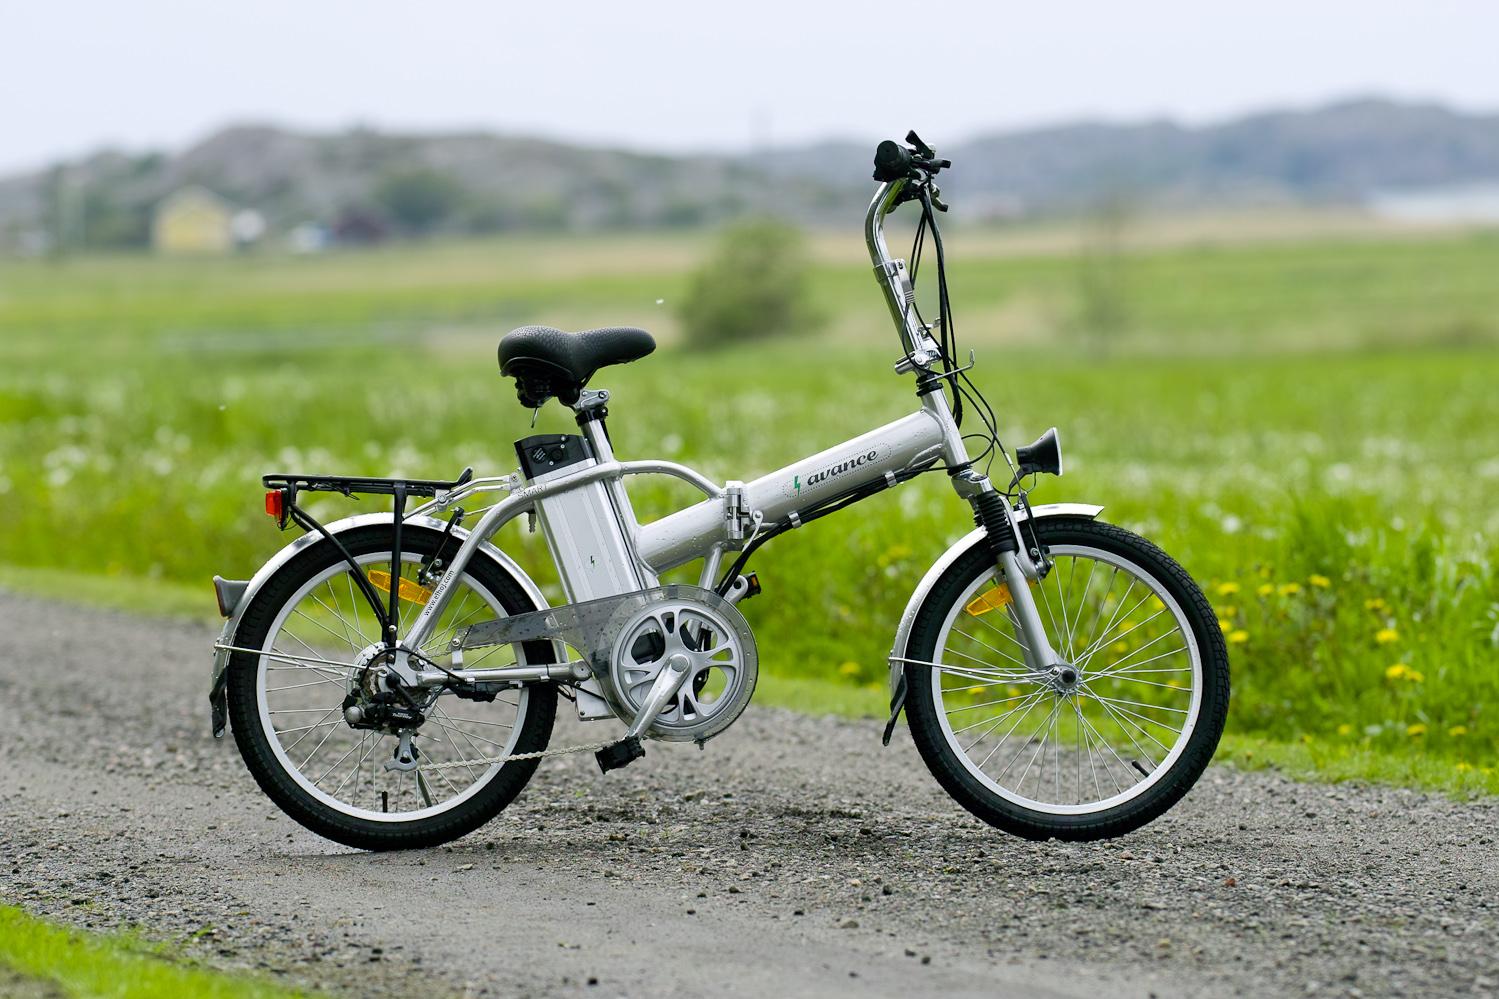 Vinn elcykel från elhoj.com